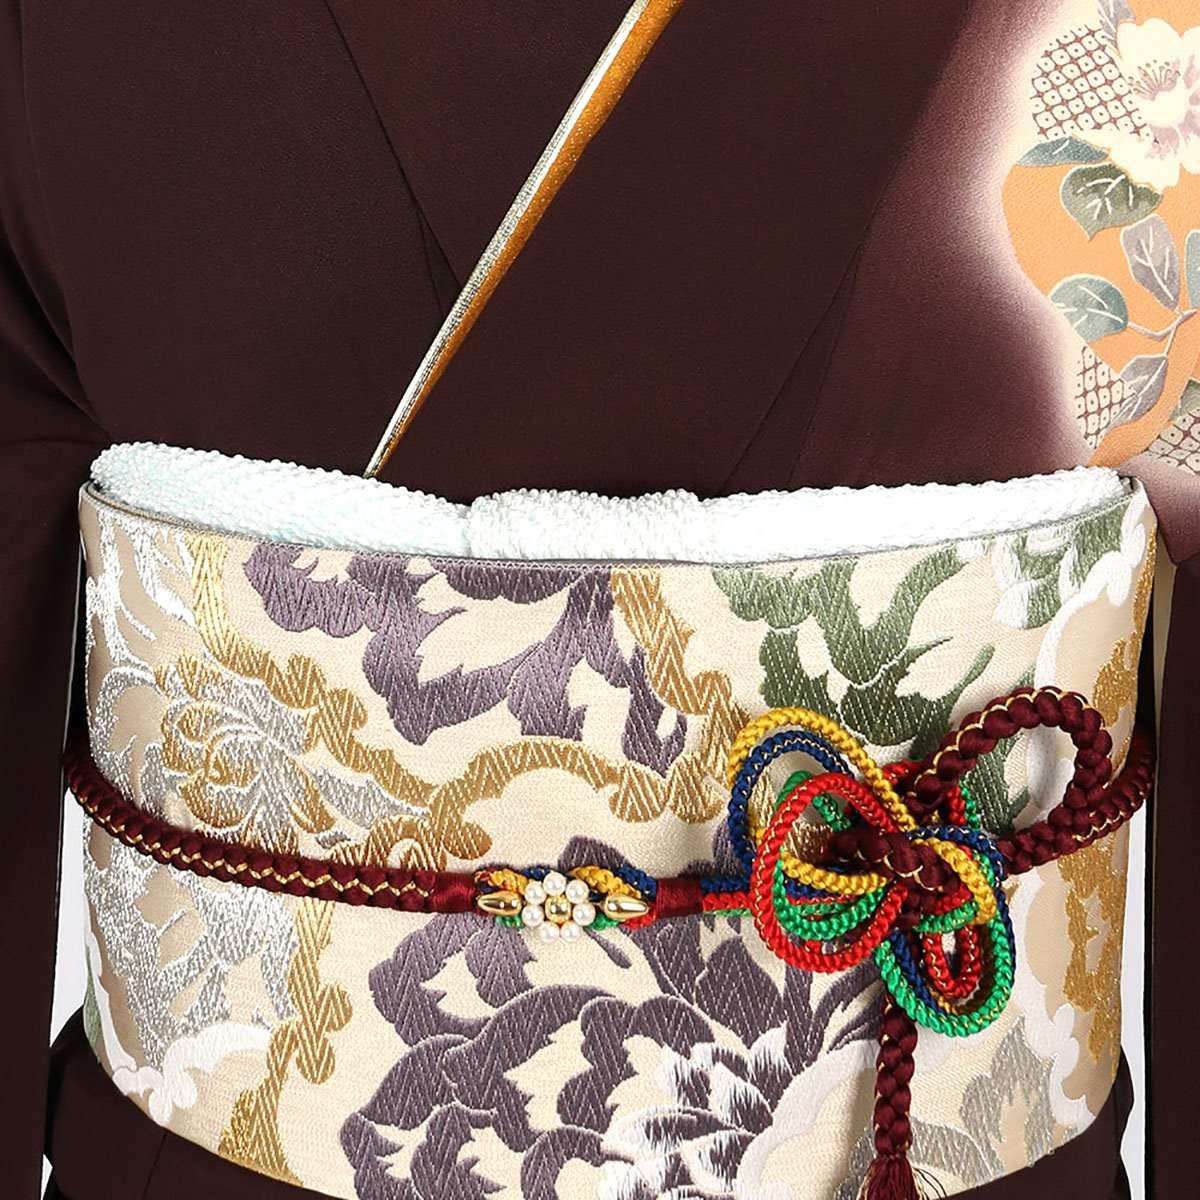 【成人式】 [安心の長期間レンタル]【対応身長155cm〜170cm】【正絹】レンタル振袖フルセット-440|レトロ|花柄|クール系|モダン|茶系|牡